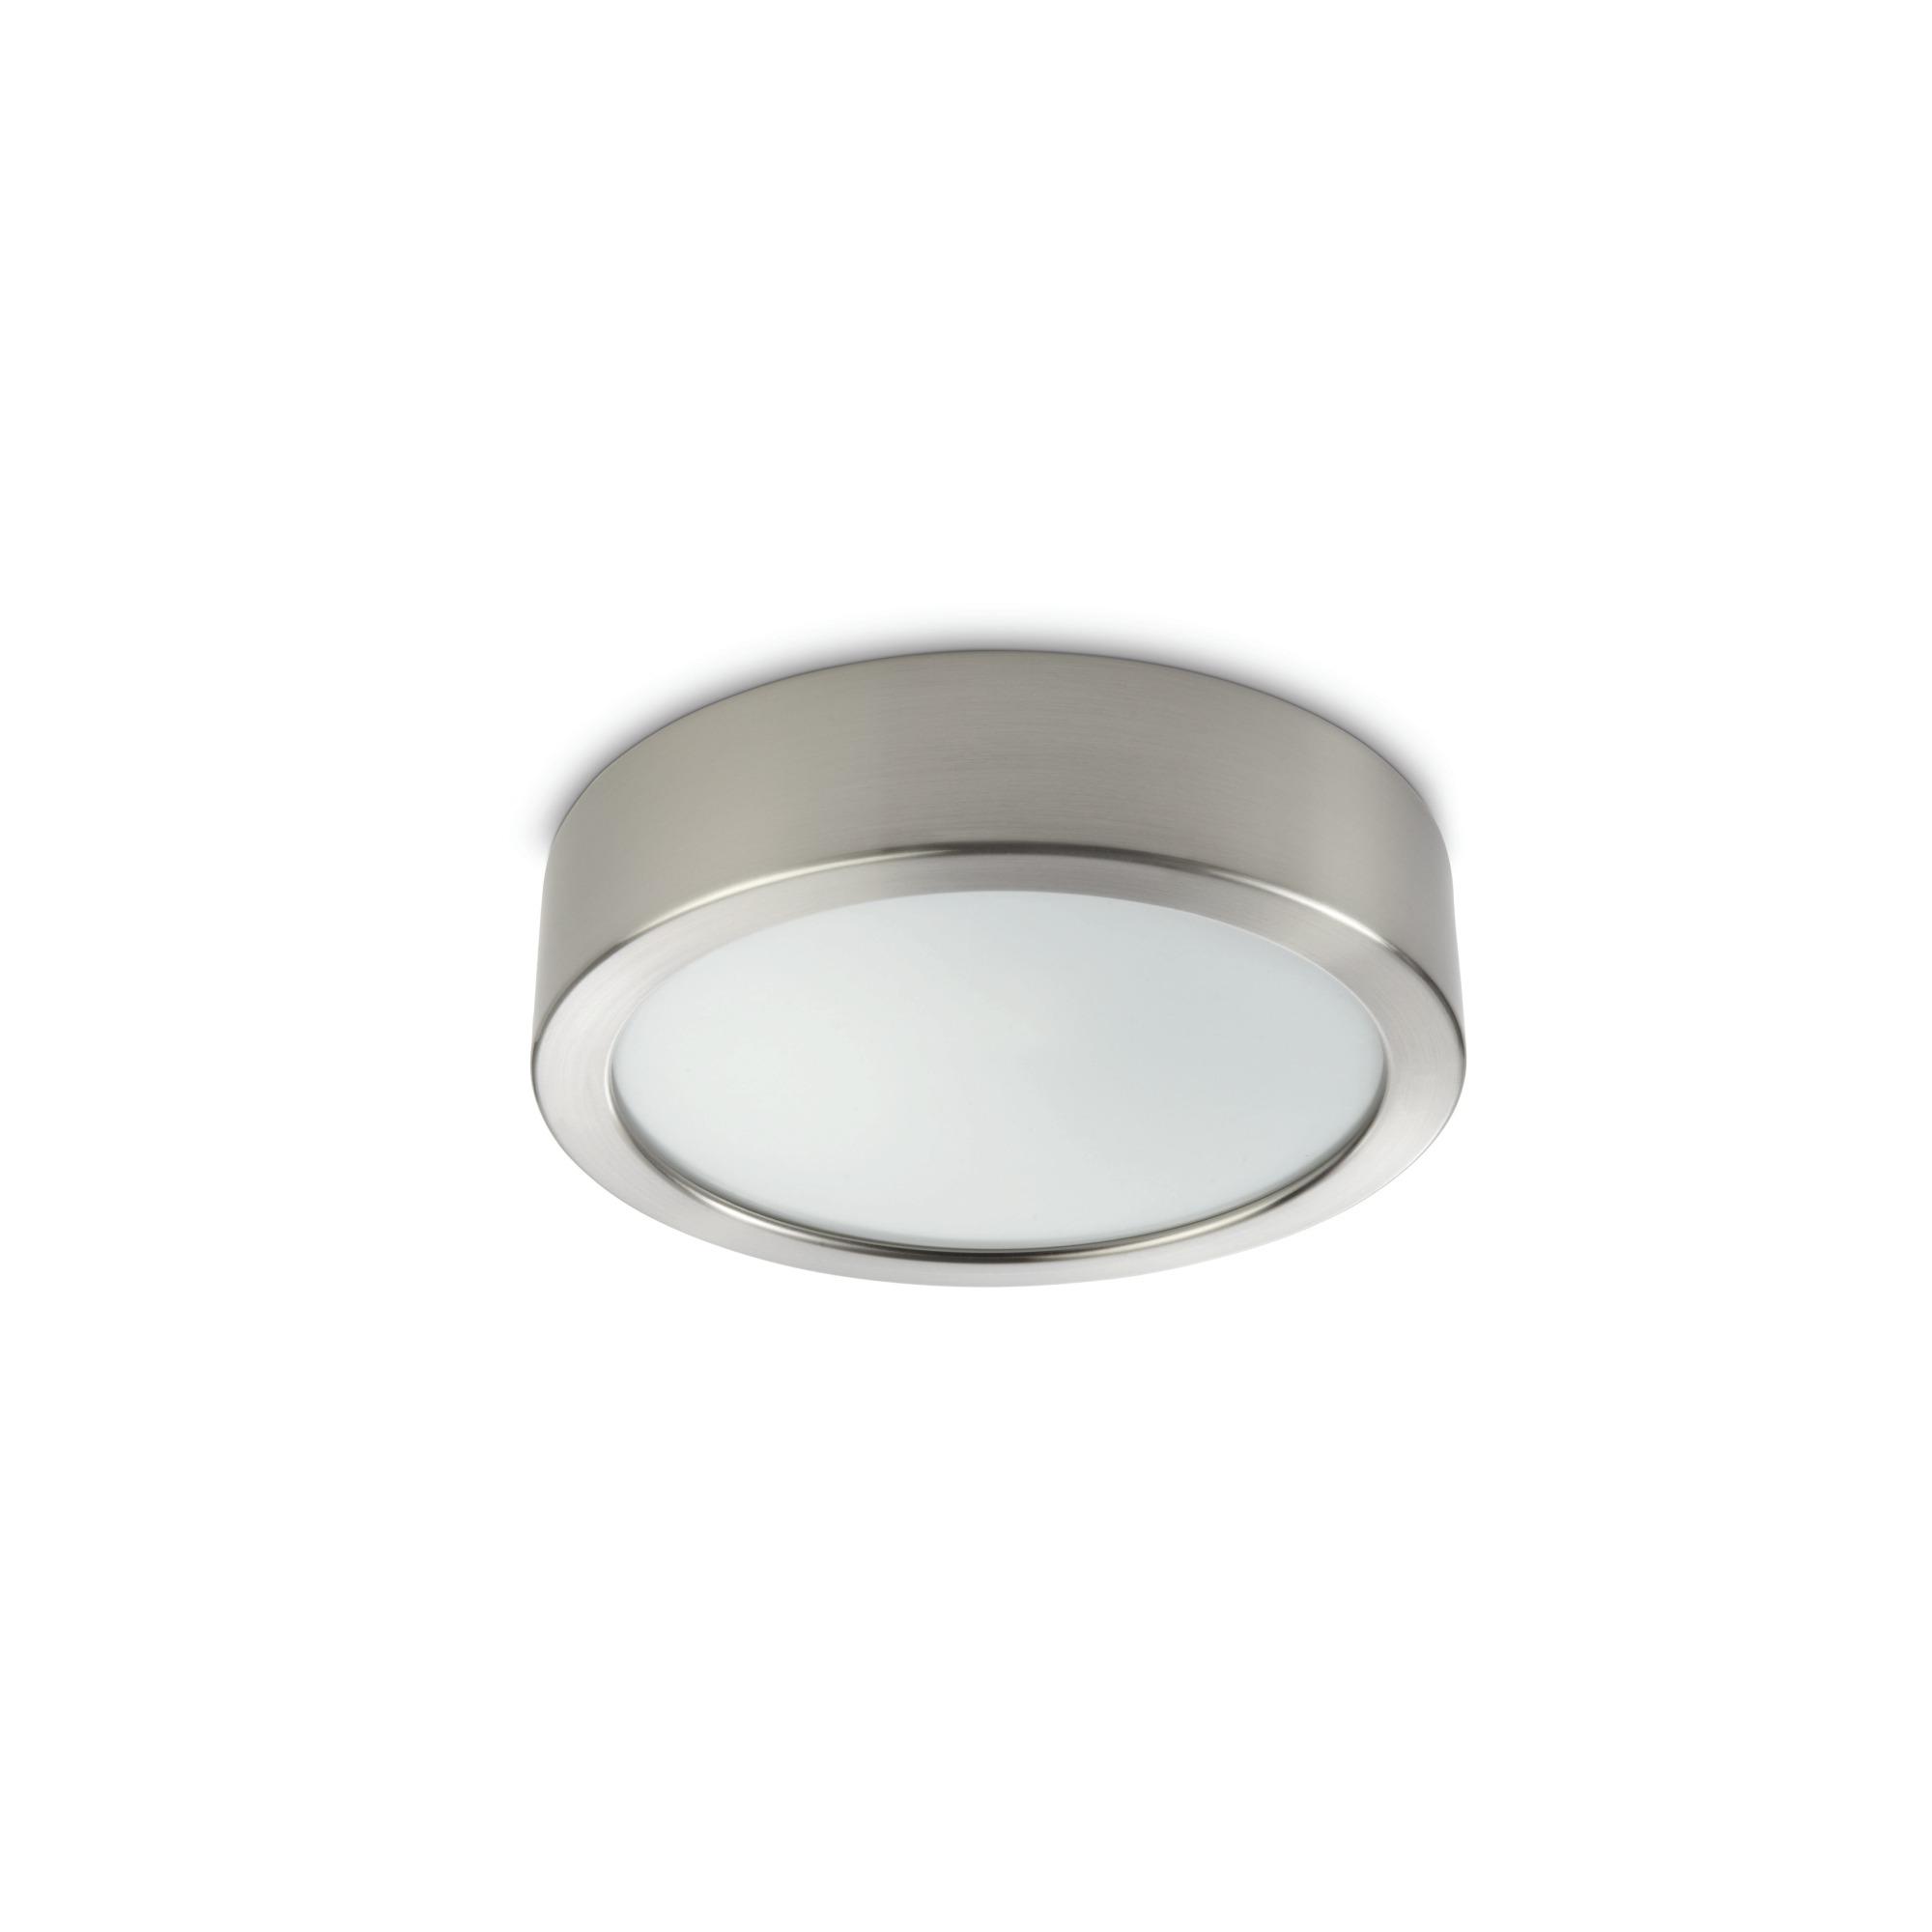 Philips myliving octagon plafondlamp 230 v 40 w e14 grijs